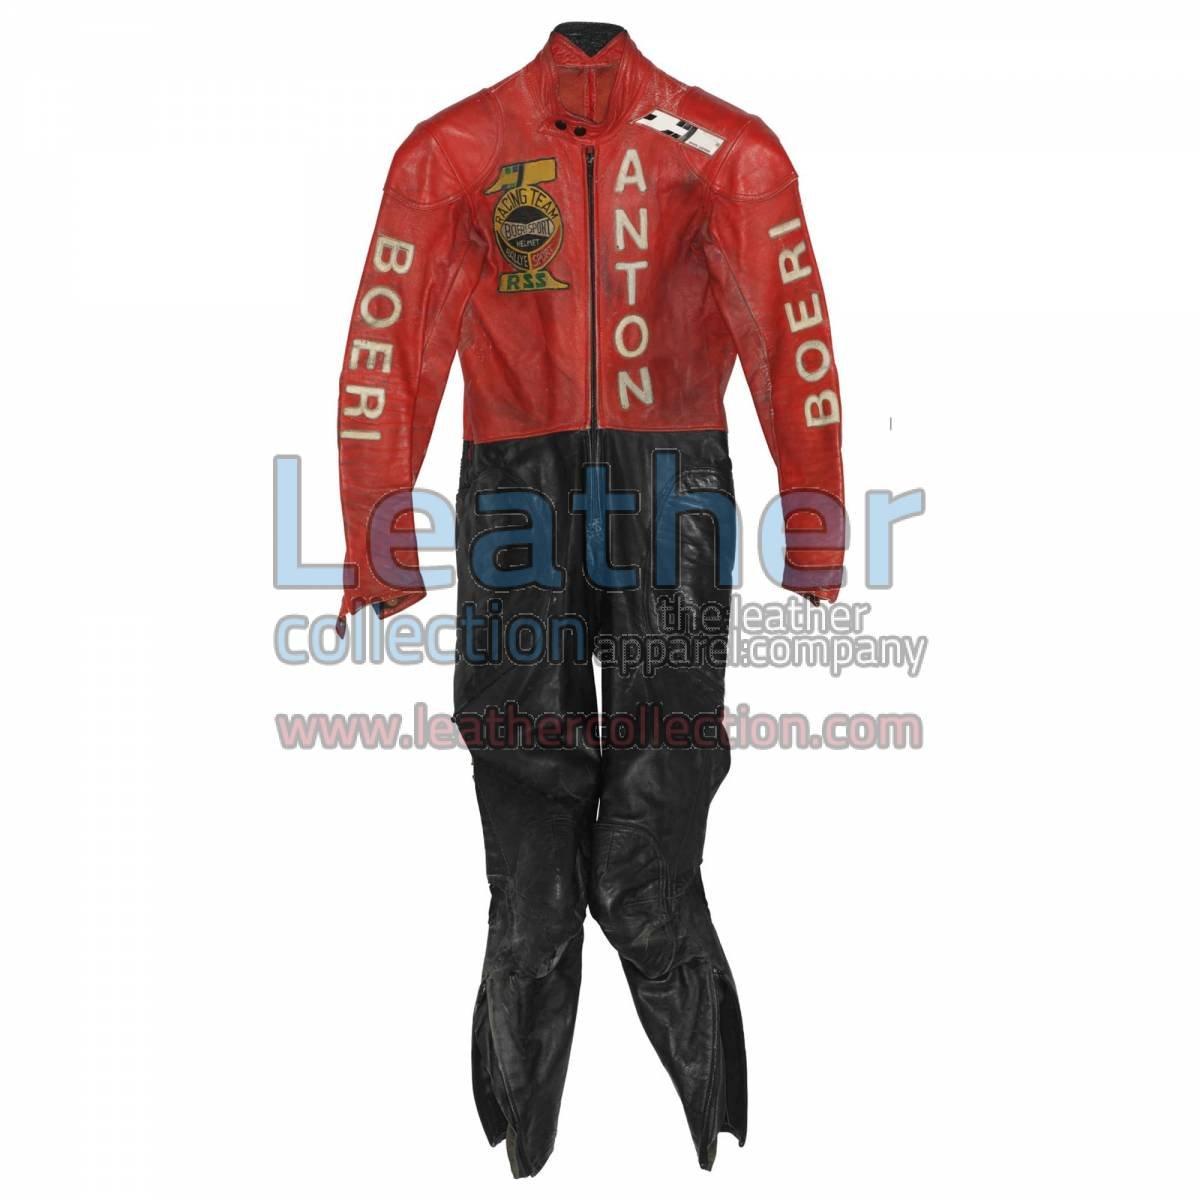 Toni Mang Kawasaki GP 1980 Racing Suit